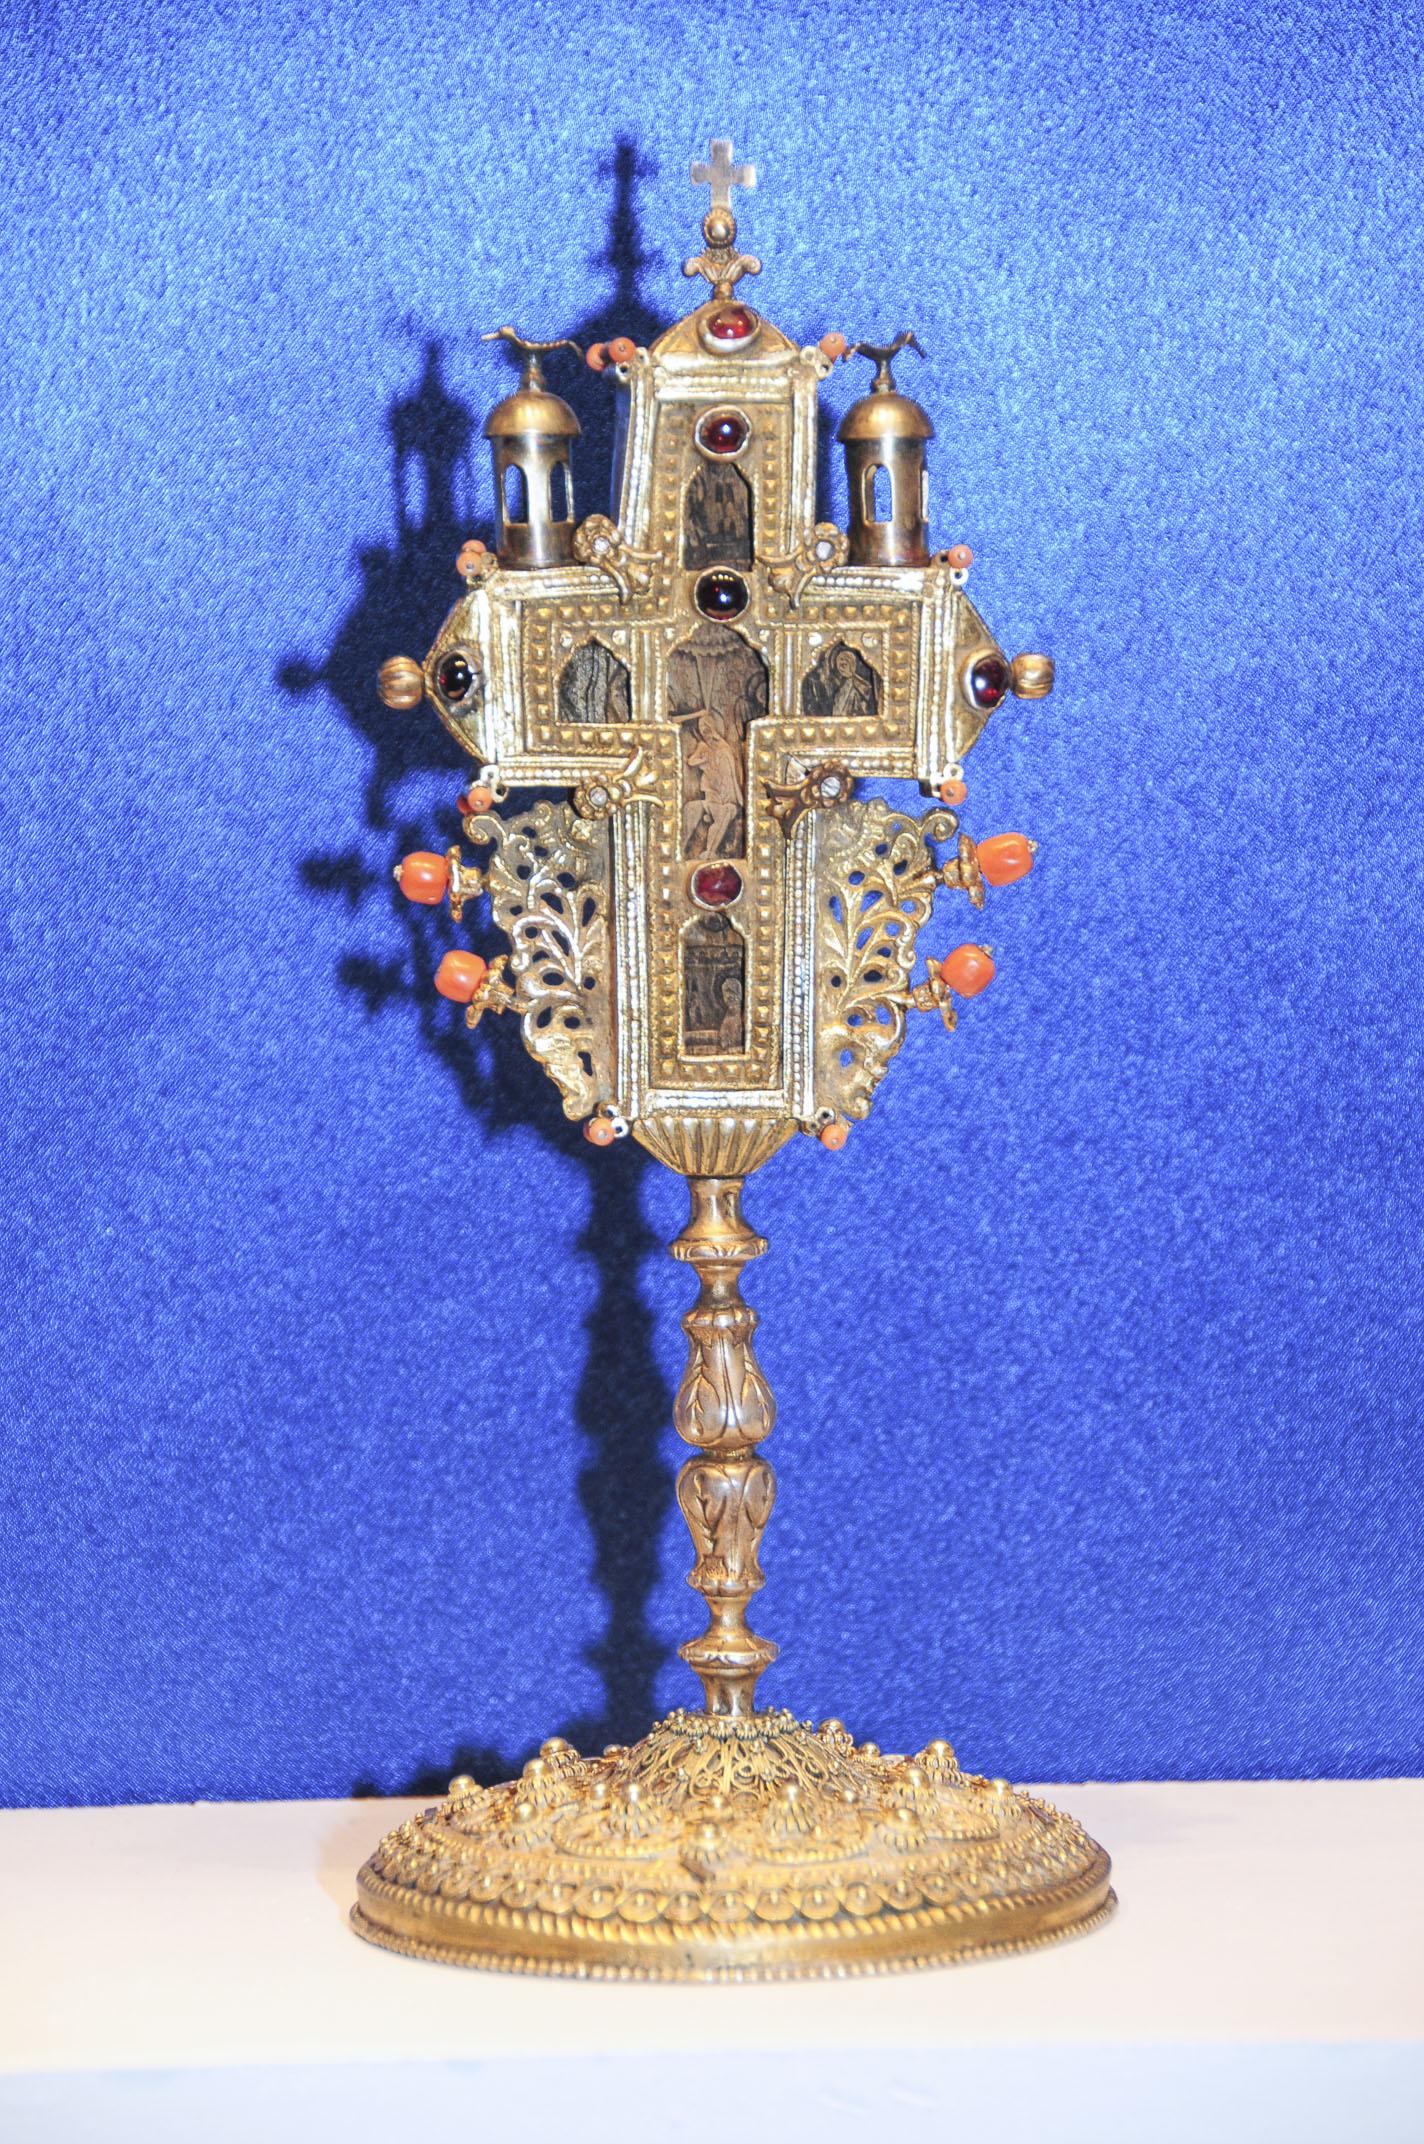 troyan-museum-bylgarsko-zlatarsko-izkustvo-4